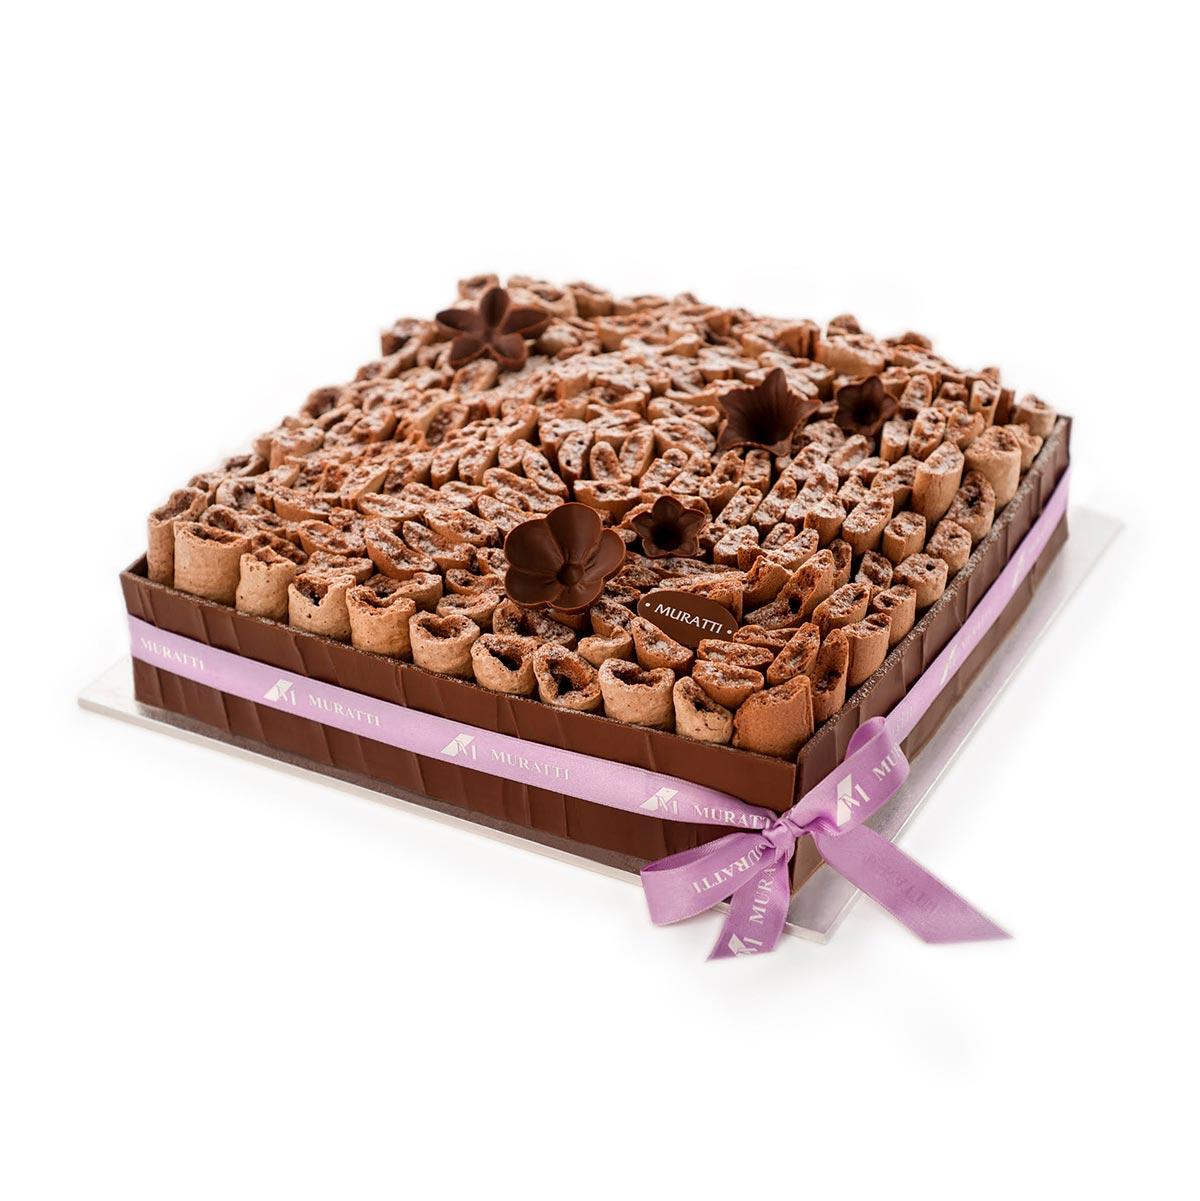 Chocolate Concorde